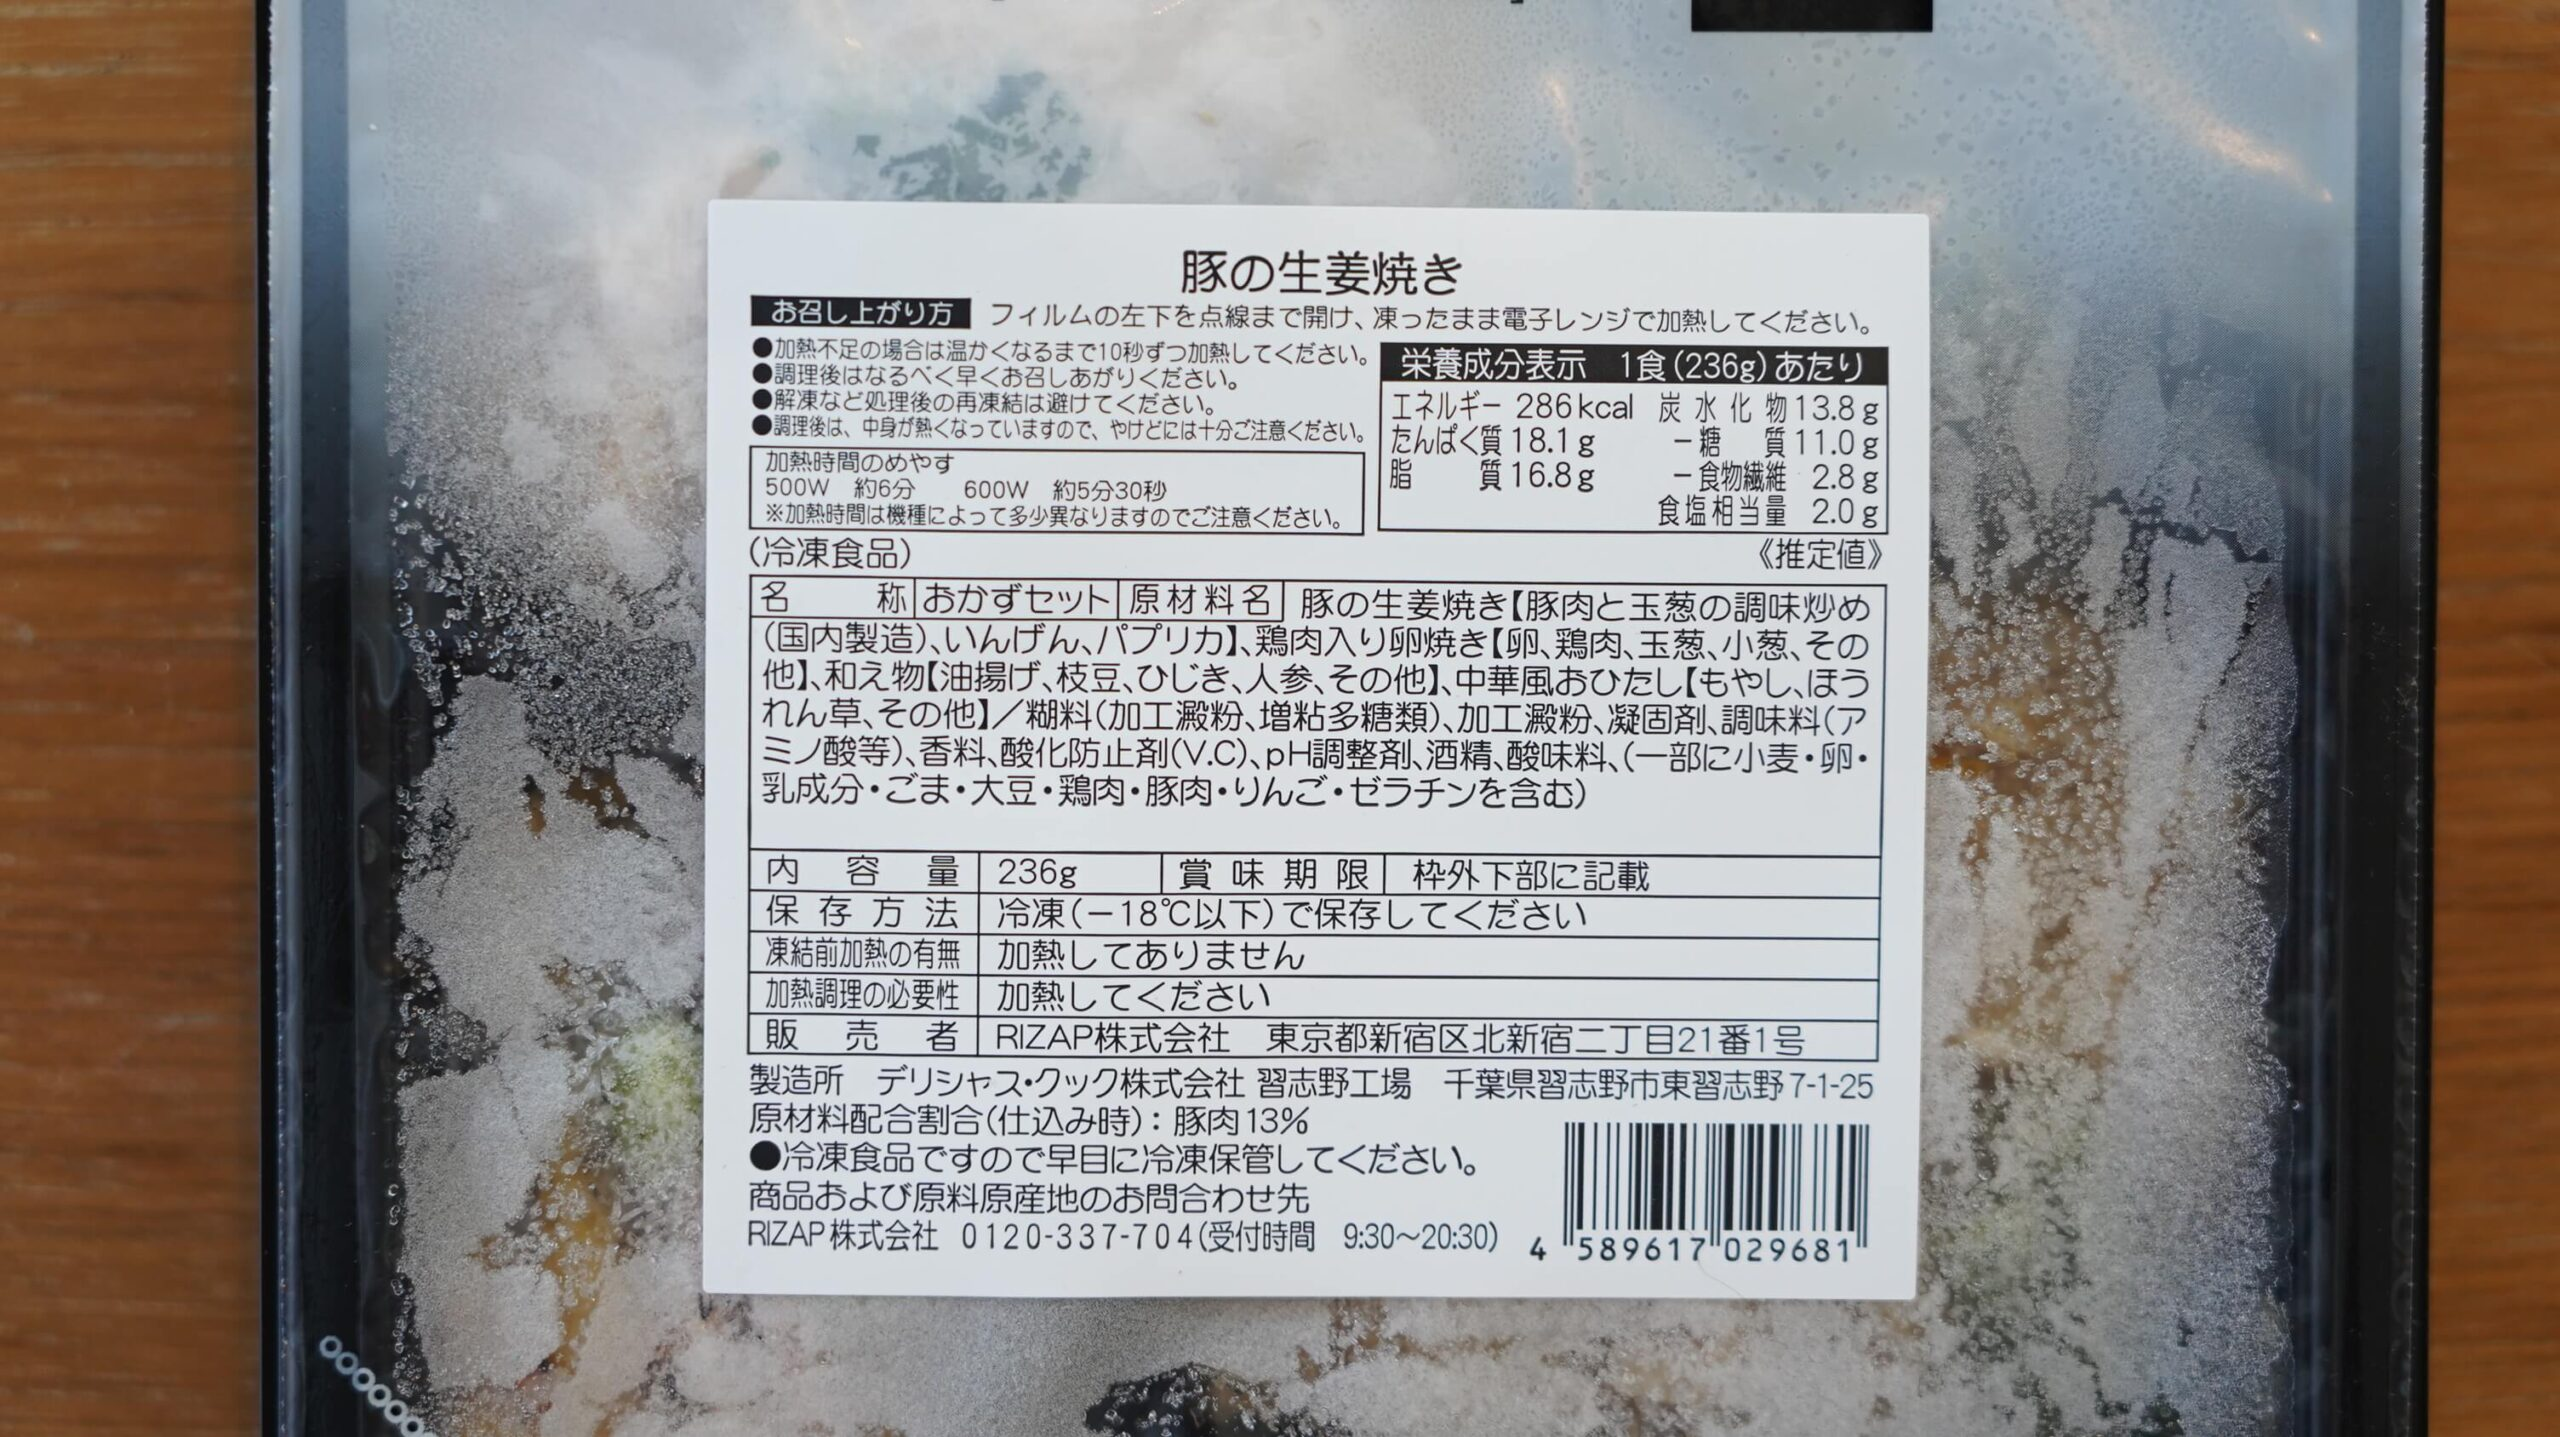 ライザップのサポートミール「豚の生姜焼き」の商品情報の写真